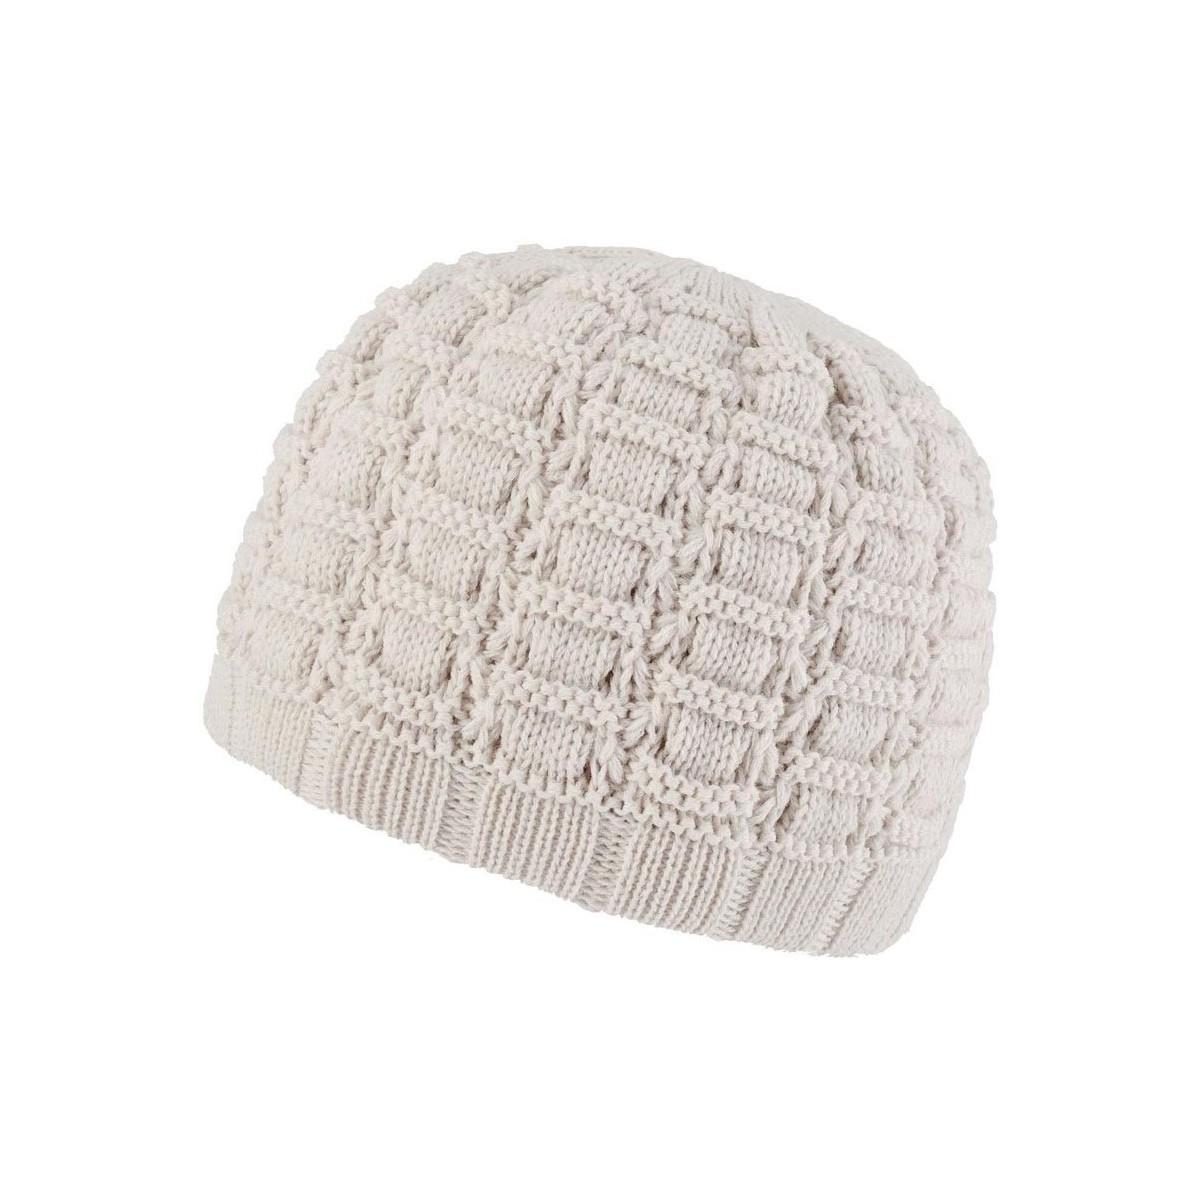 Www Arthur Bonnet Com Accessoires bonnet queyras